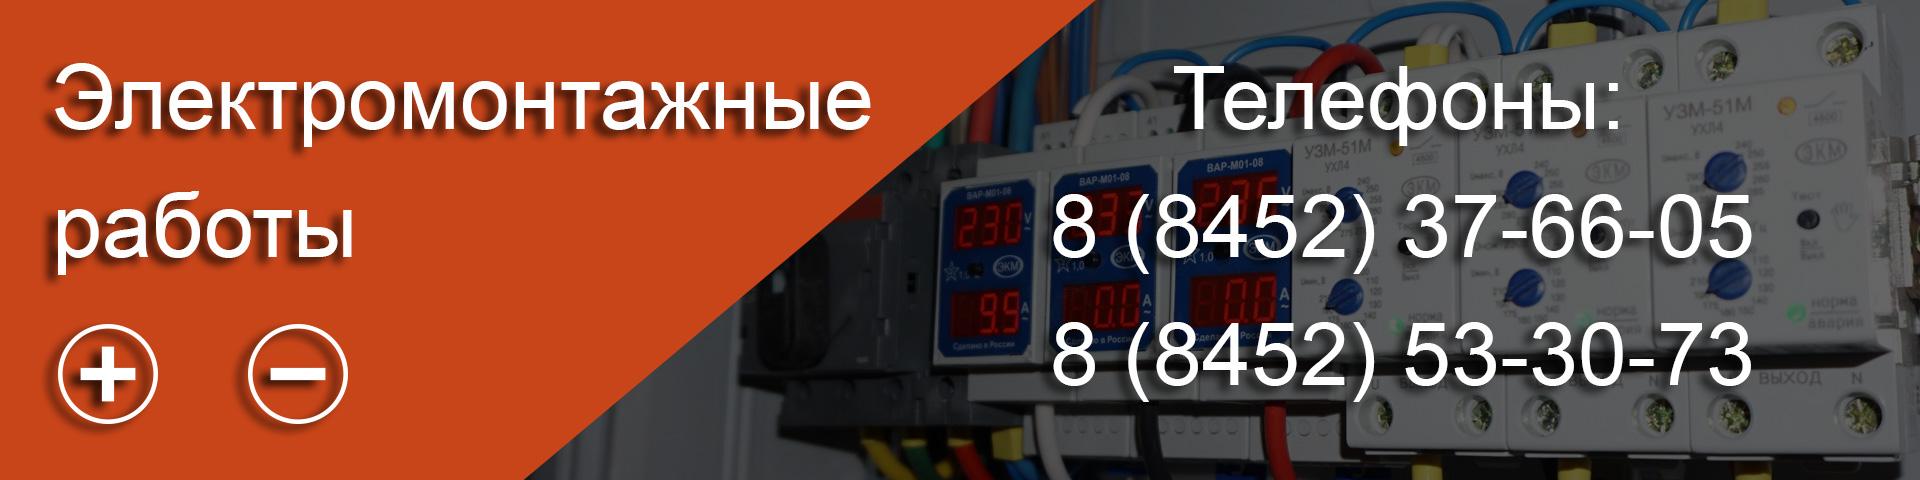 Электромонтажные работы в Саратове